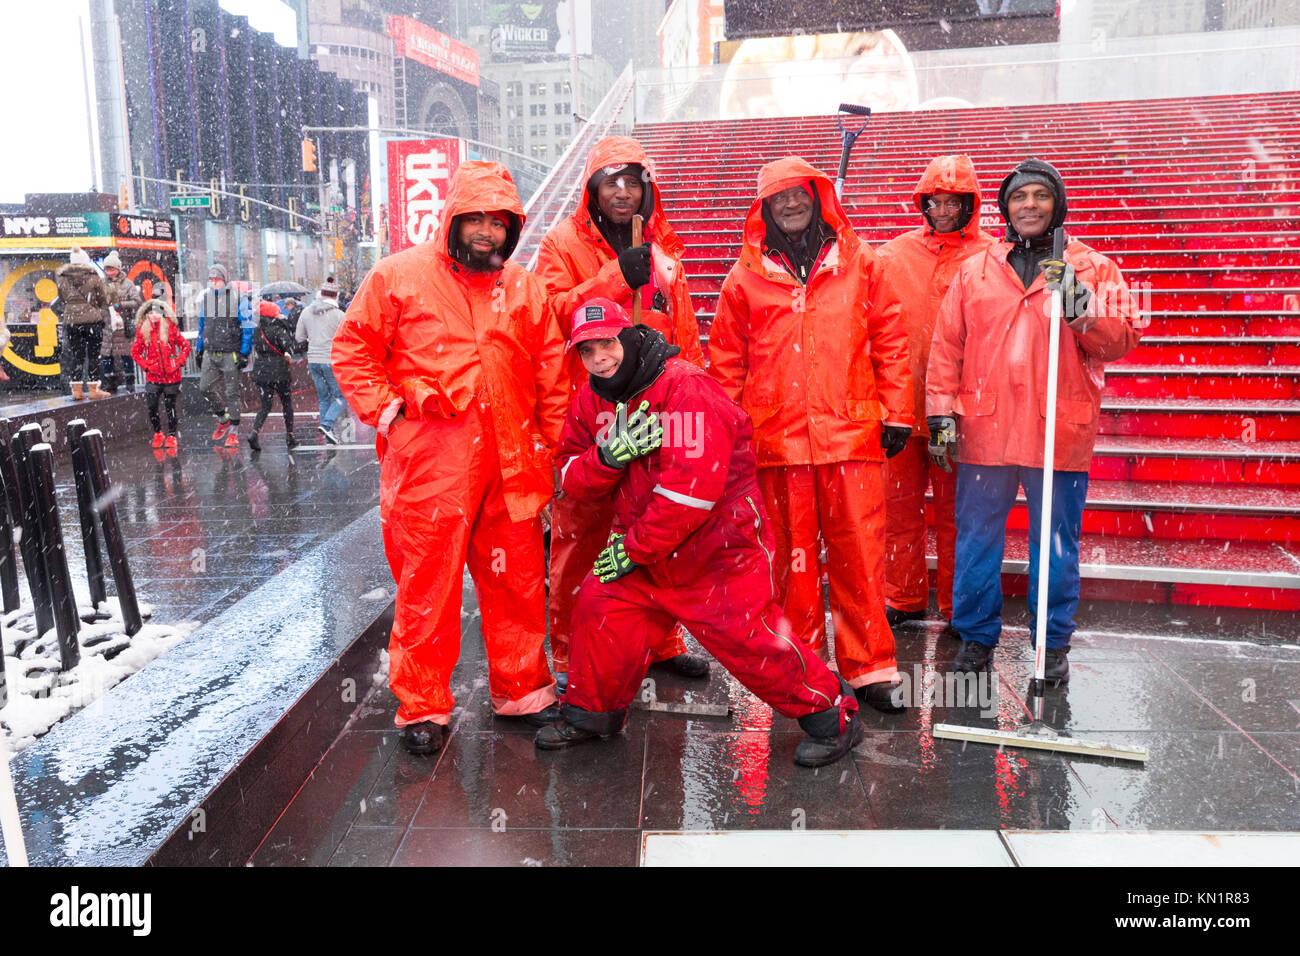 New York, NY - Dezember 9, 2017: Reiniger reinigen Zuschauertribünen auf Times Square von der erste Schnee Stockbild